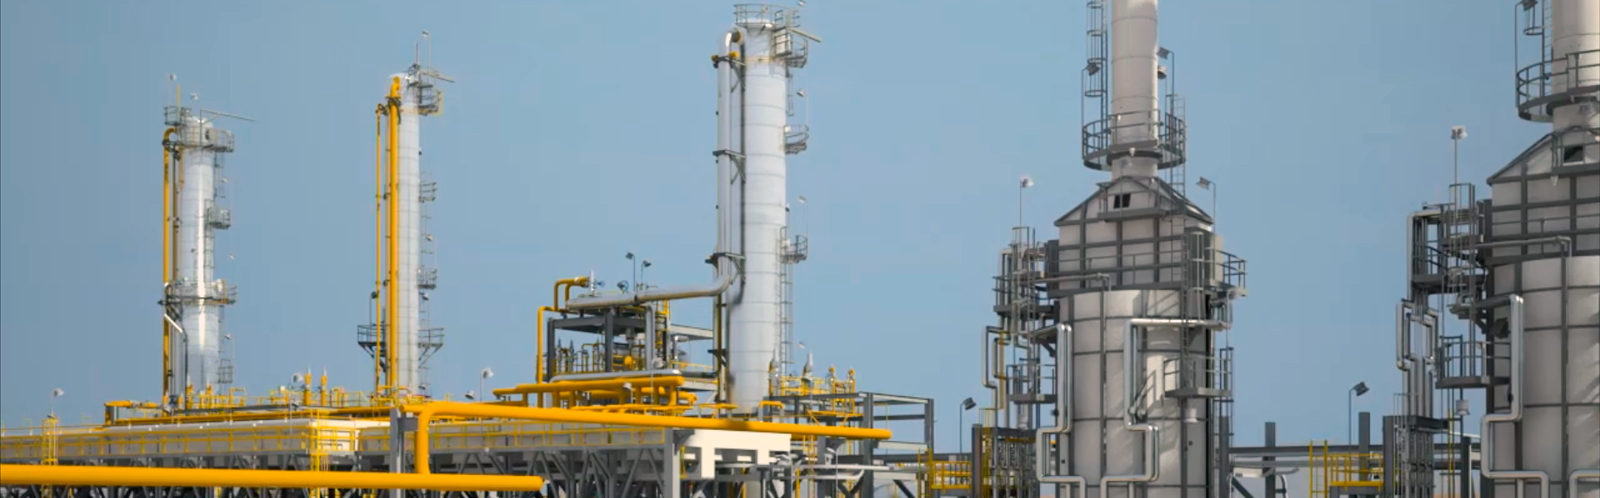 planta almacenamiento de hidrocarburos